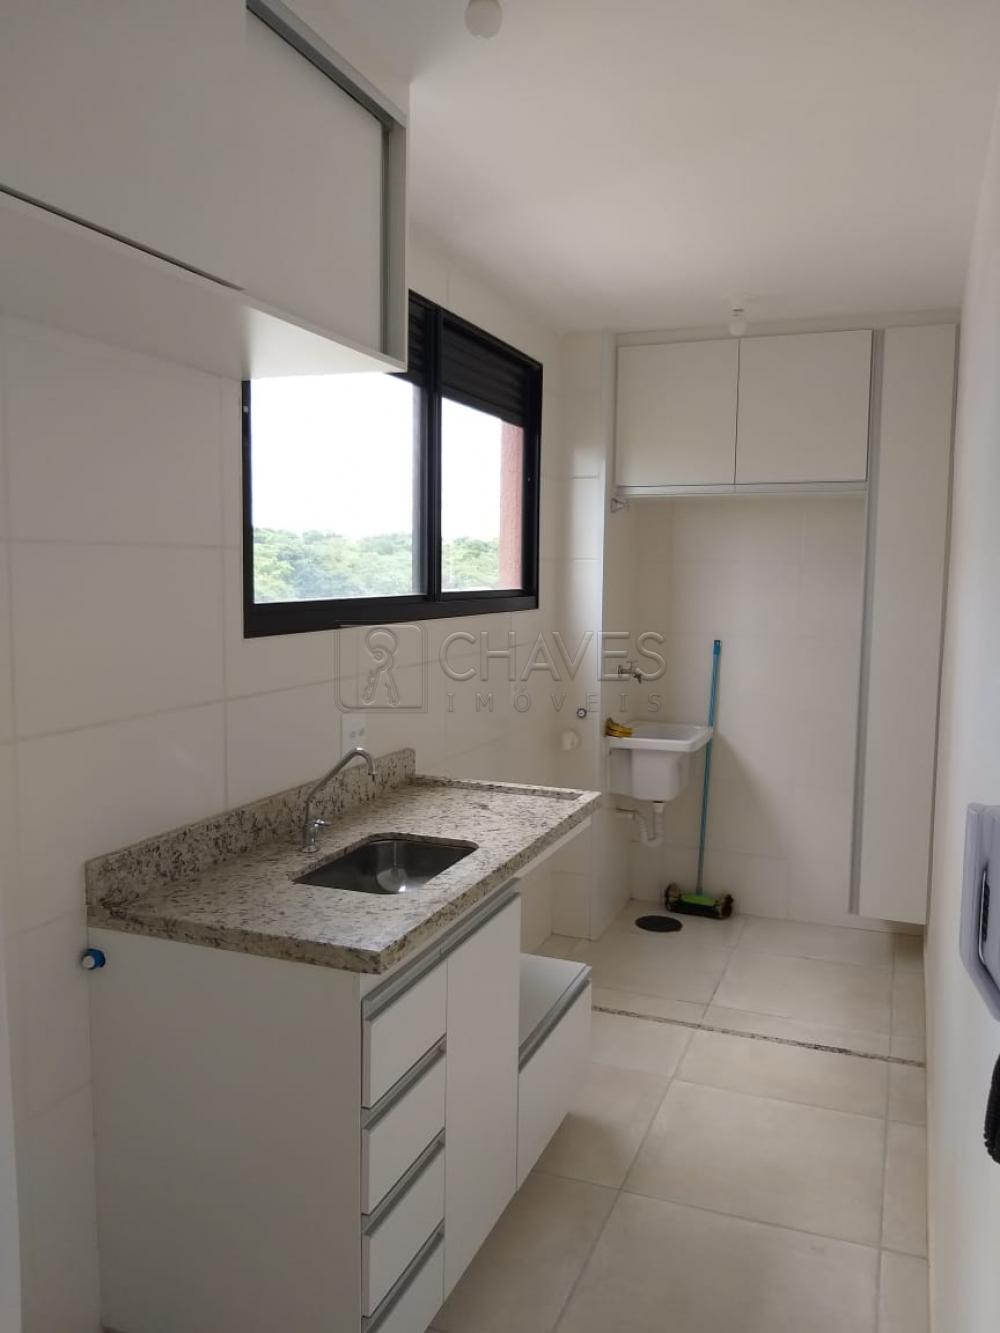 Alugar Apartamento / Padrão em Bonfim Paulista apenas R$ 900,00 - Foto 3